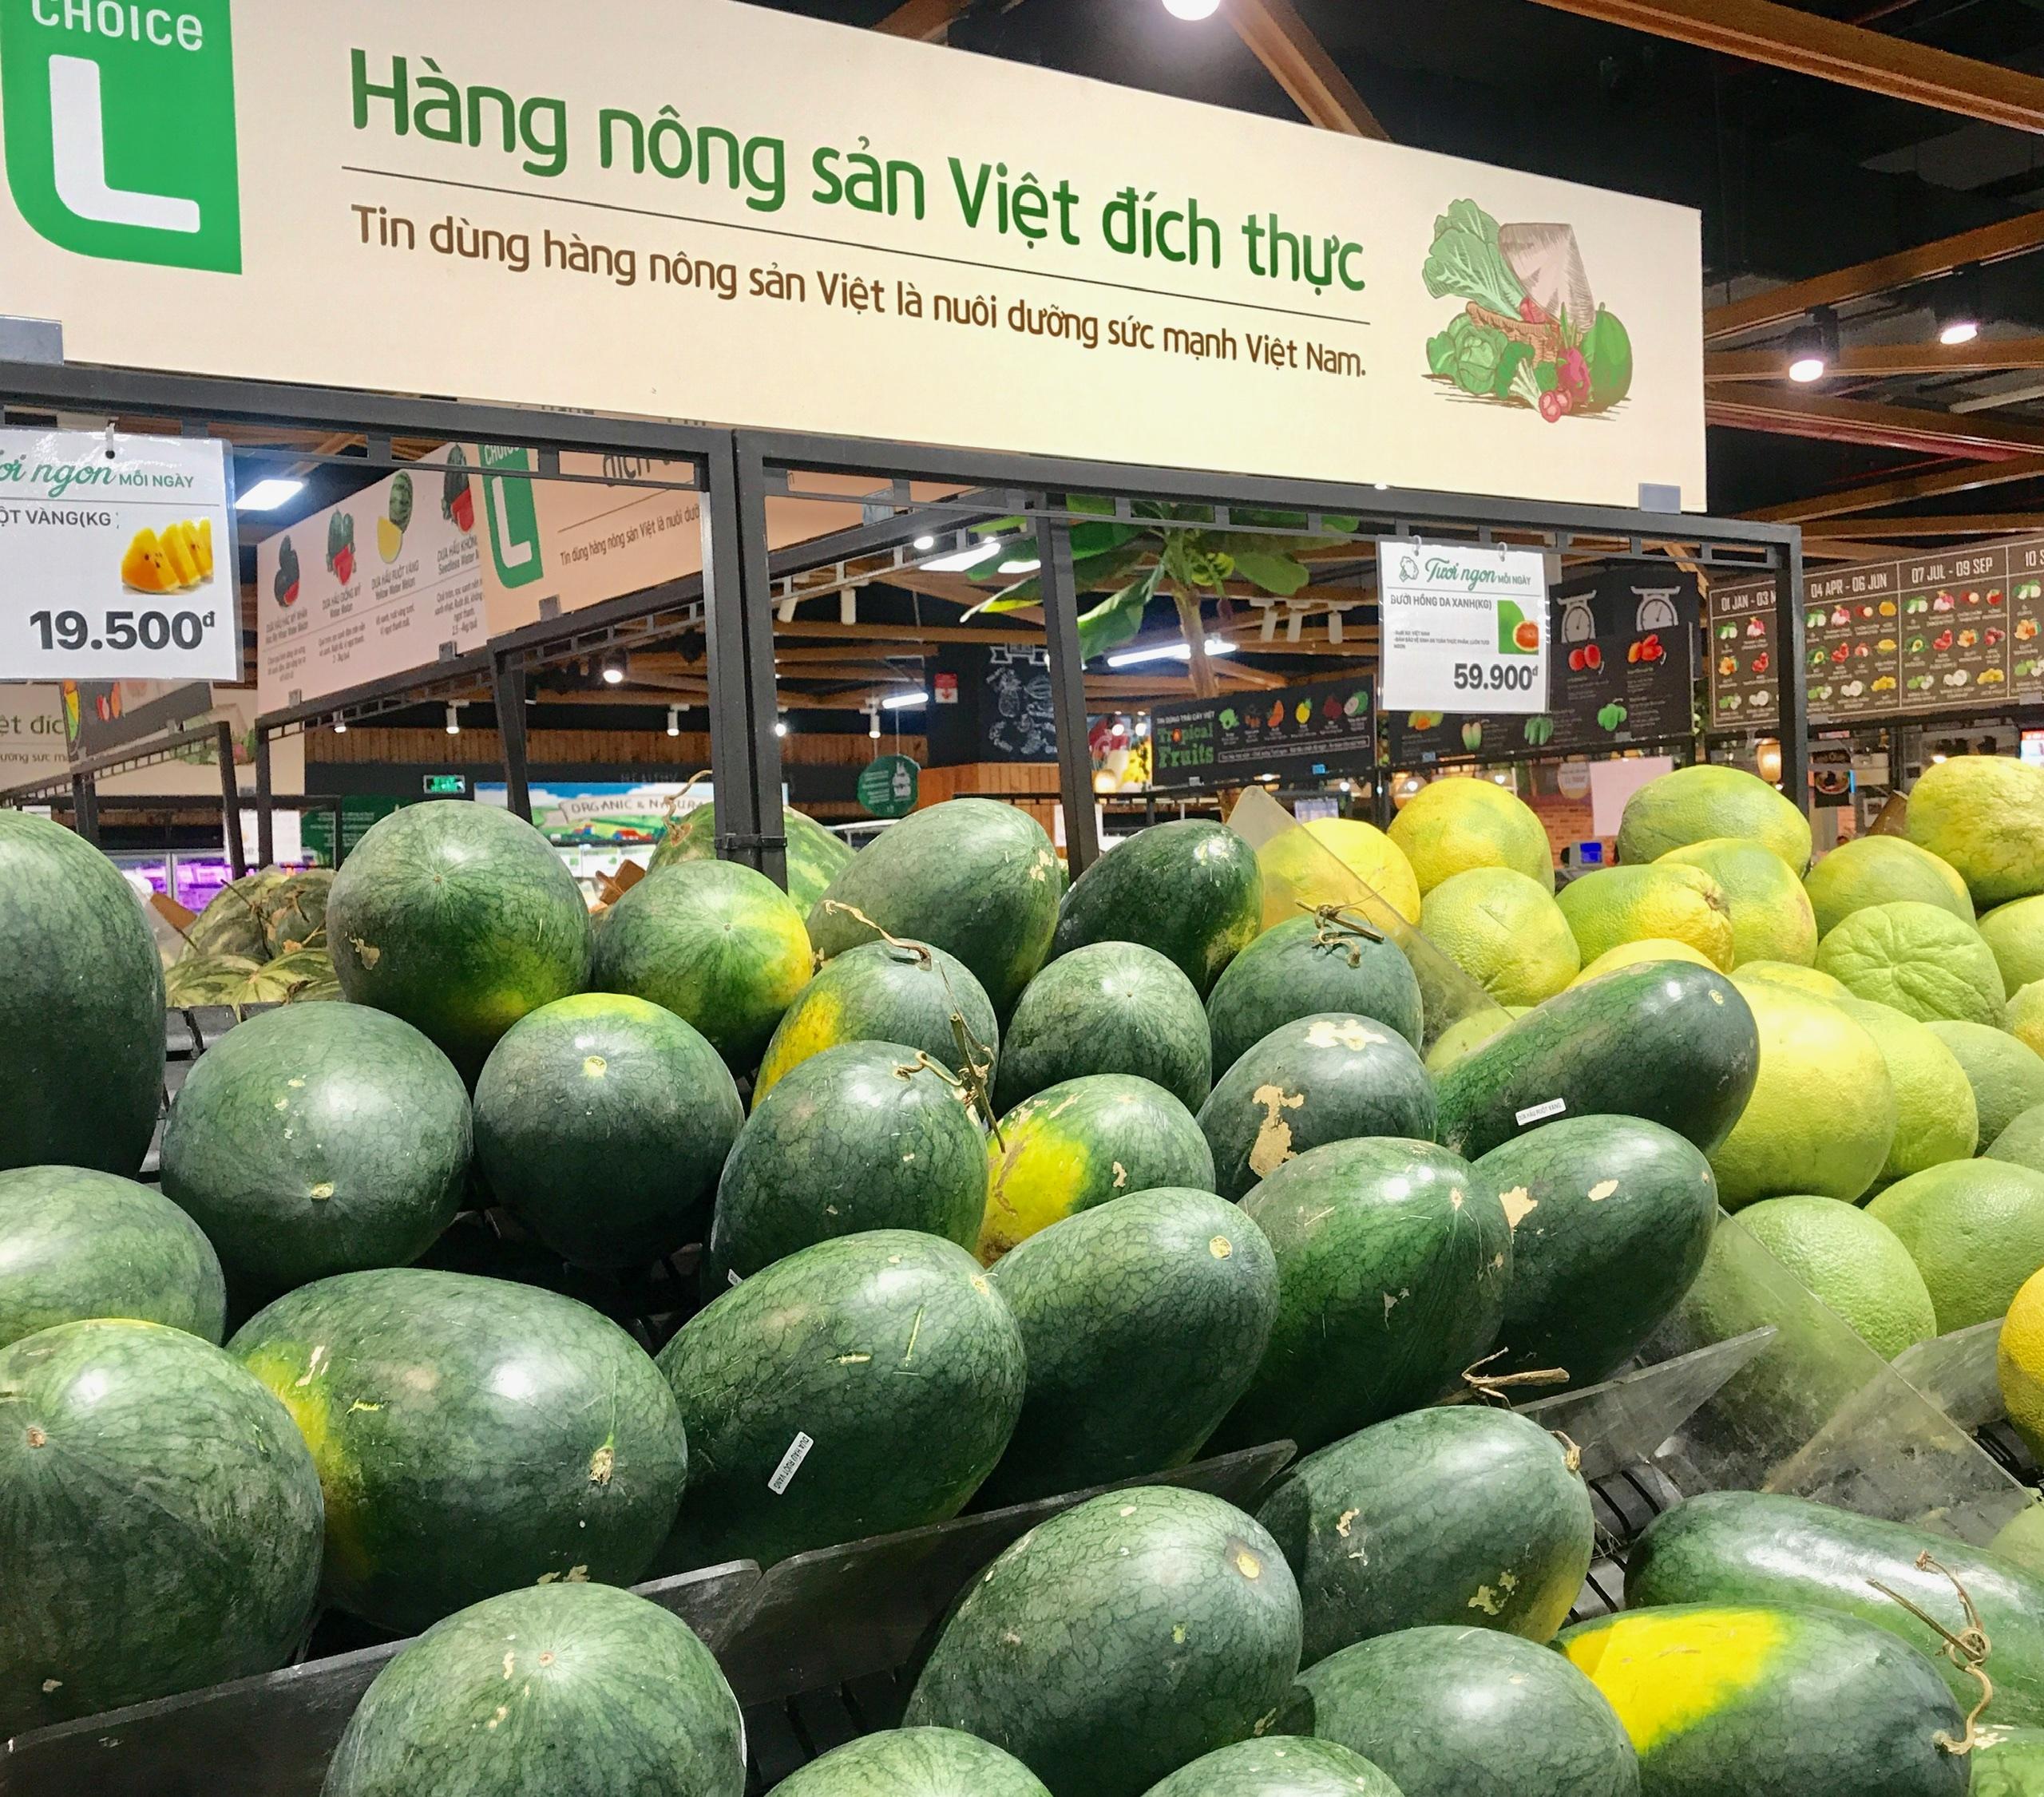 Kết nối ổn định hàng nông, thủy sản Việt vào hệ thống của các ông lớn ngành bán lẻ nước ngoài - Ảnh 2.